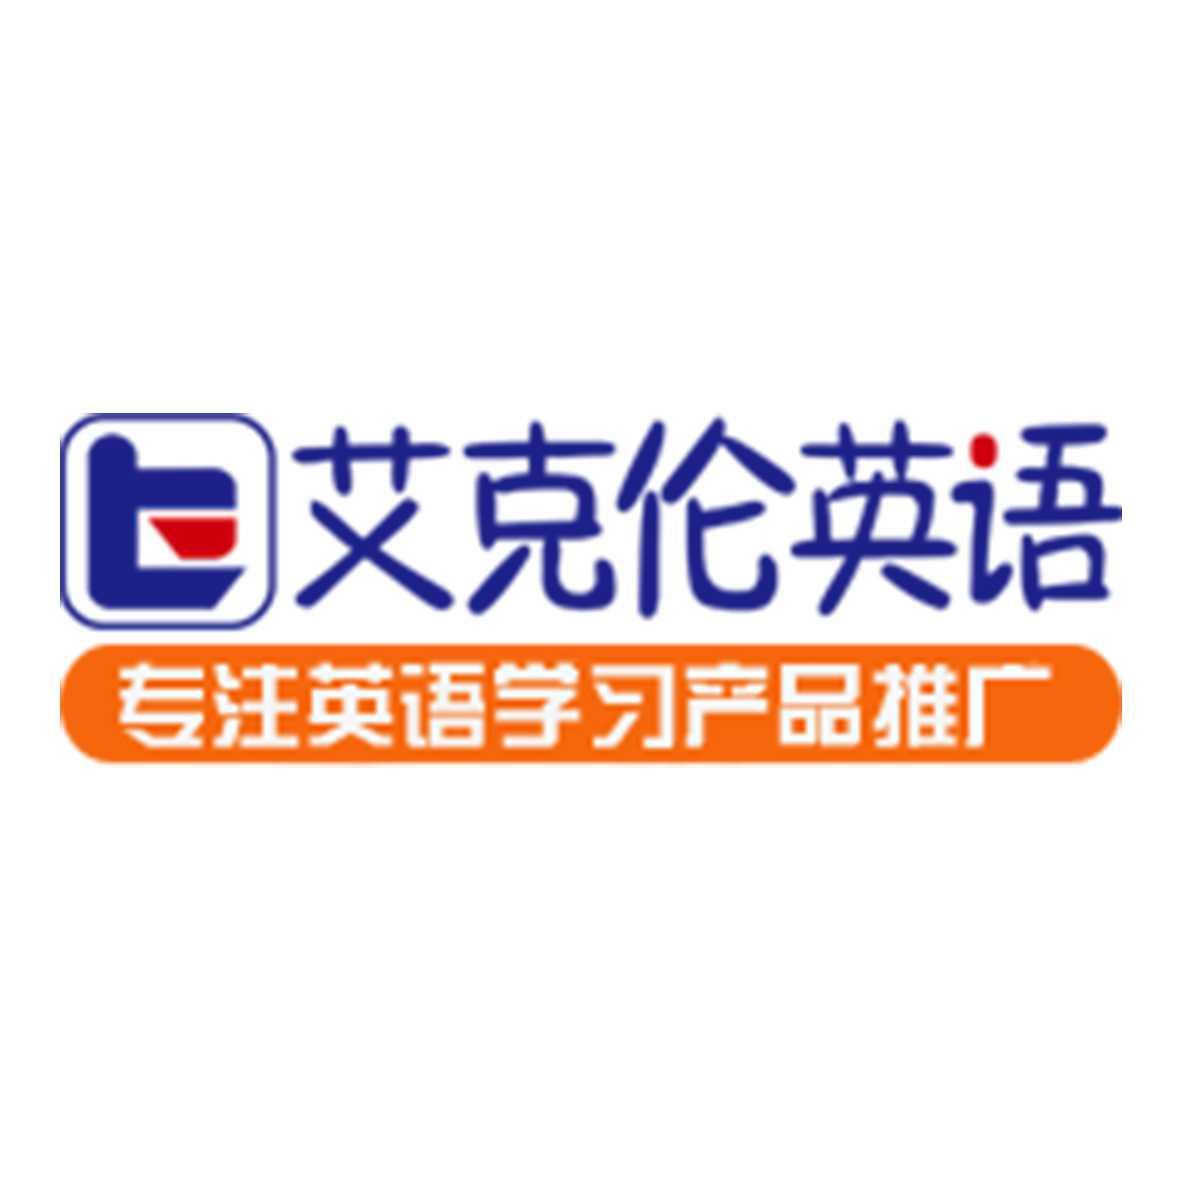 艾克伦英语logo